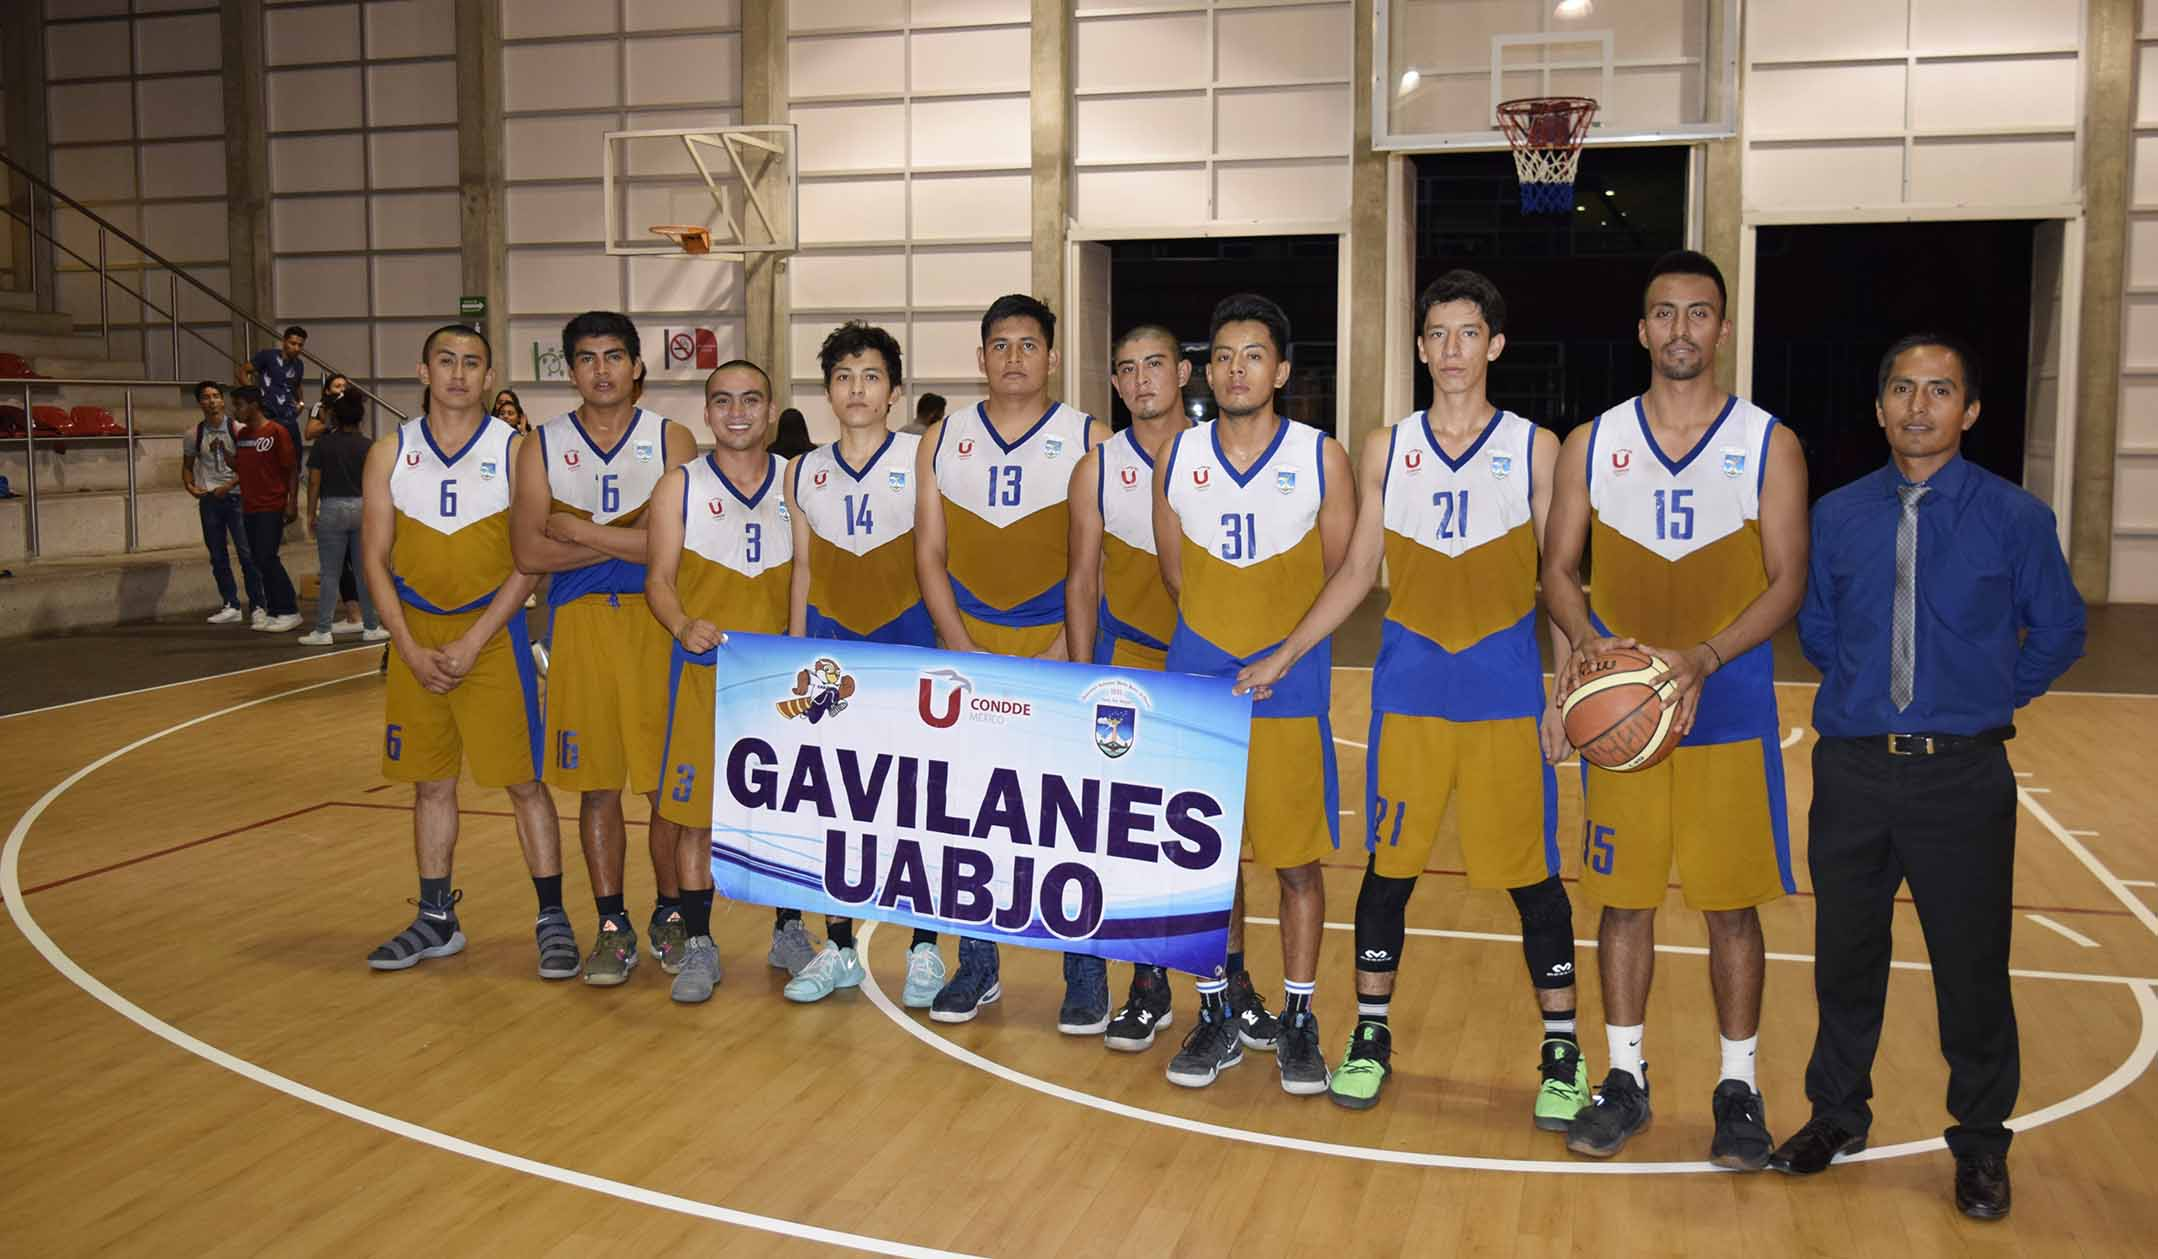 Gavilanes basquetbol campeones